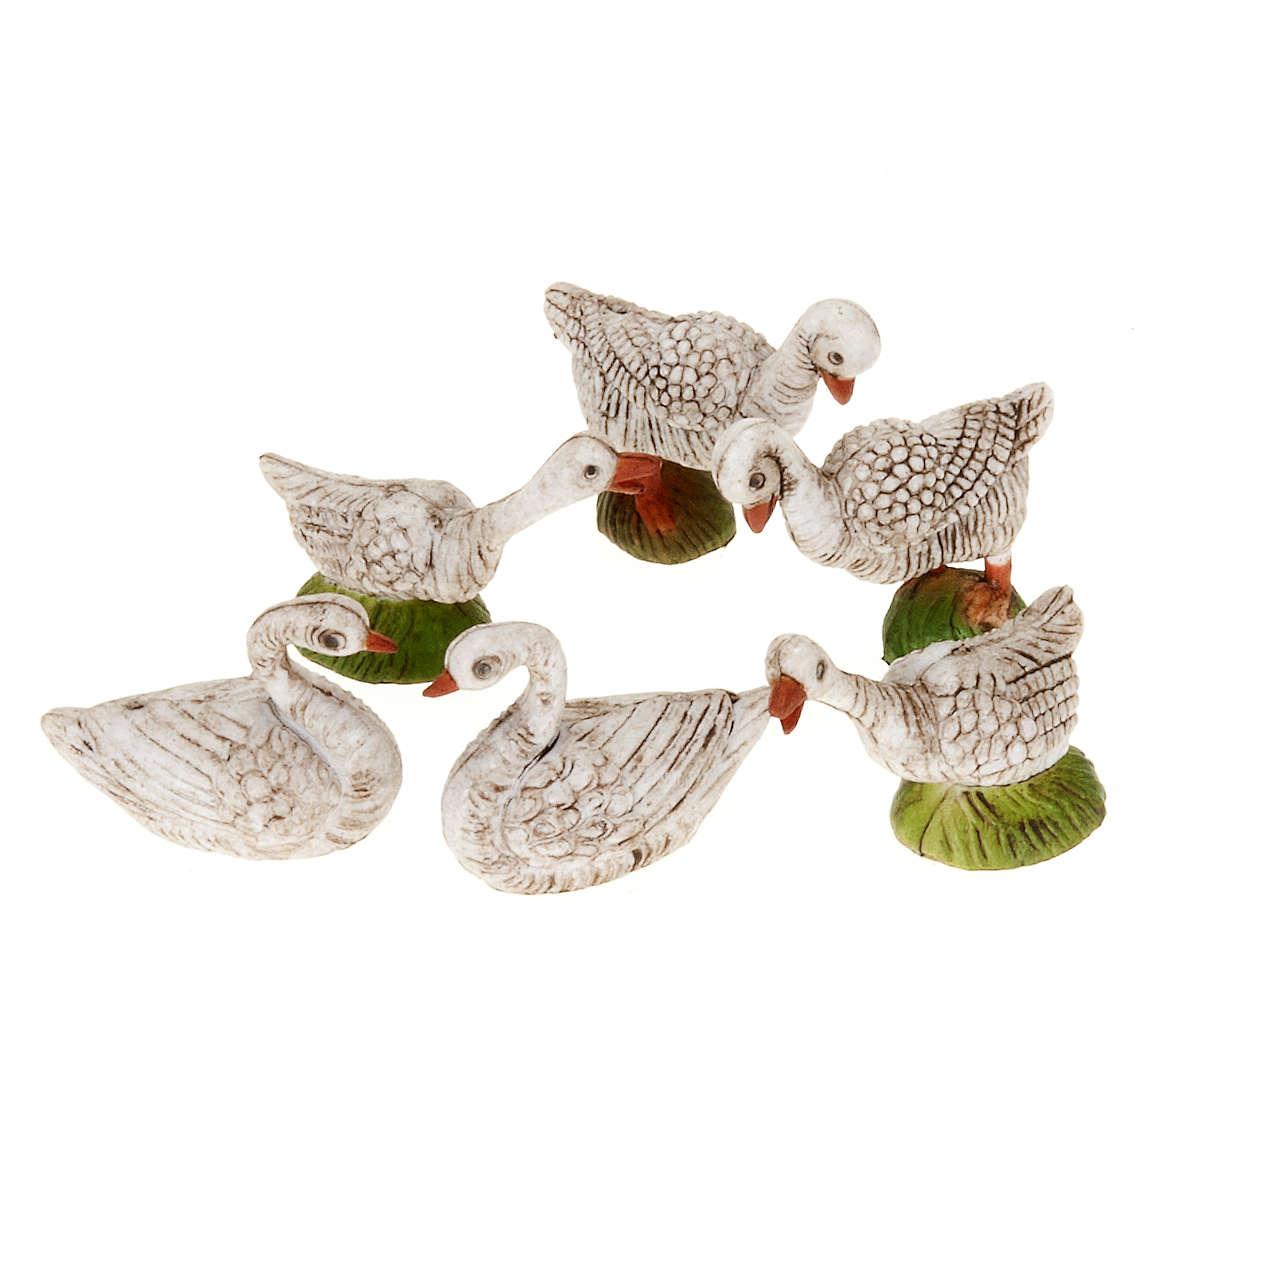 Oies et cygnes miniature crèche 6 pc 3